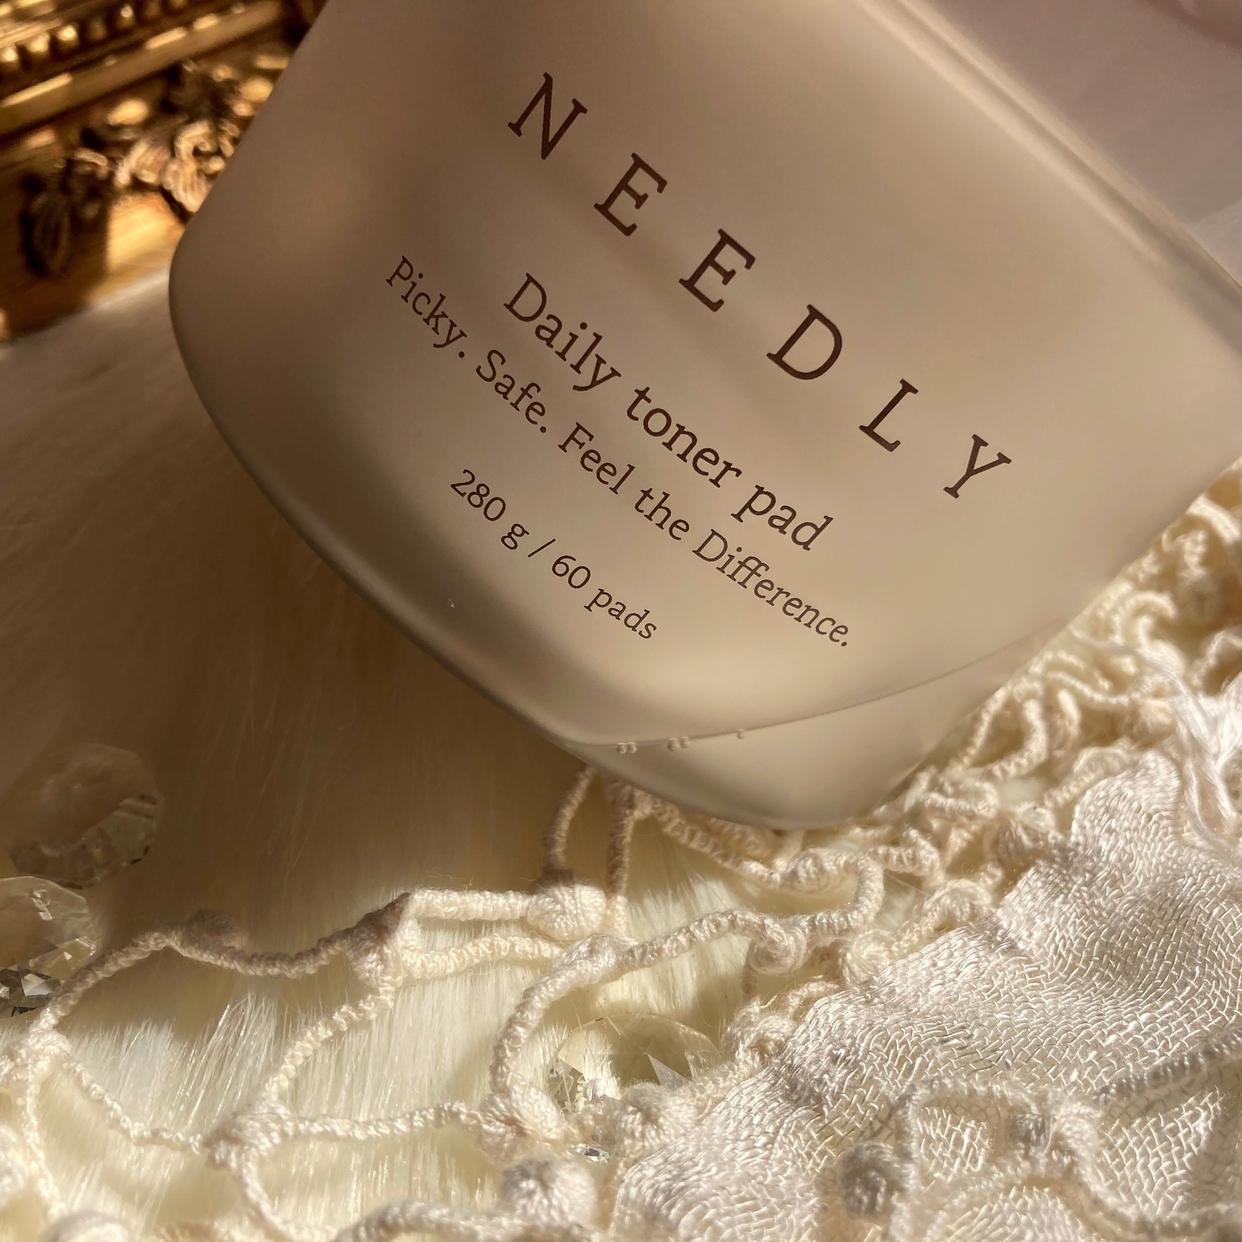 NEEDLY(ニドリー) トナーパッドを使った梅ちゃんさんのクチコミ画像2